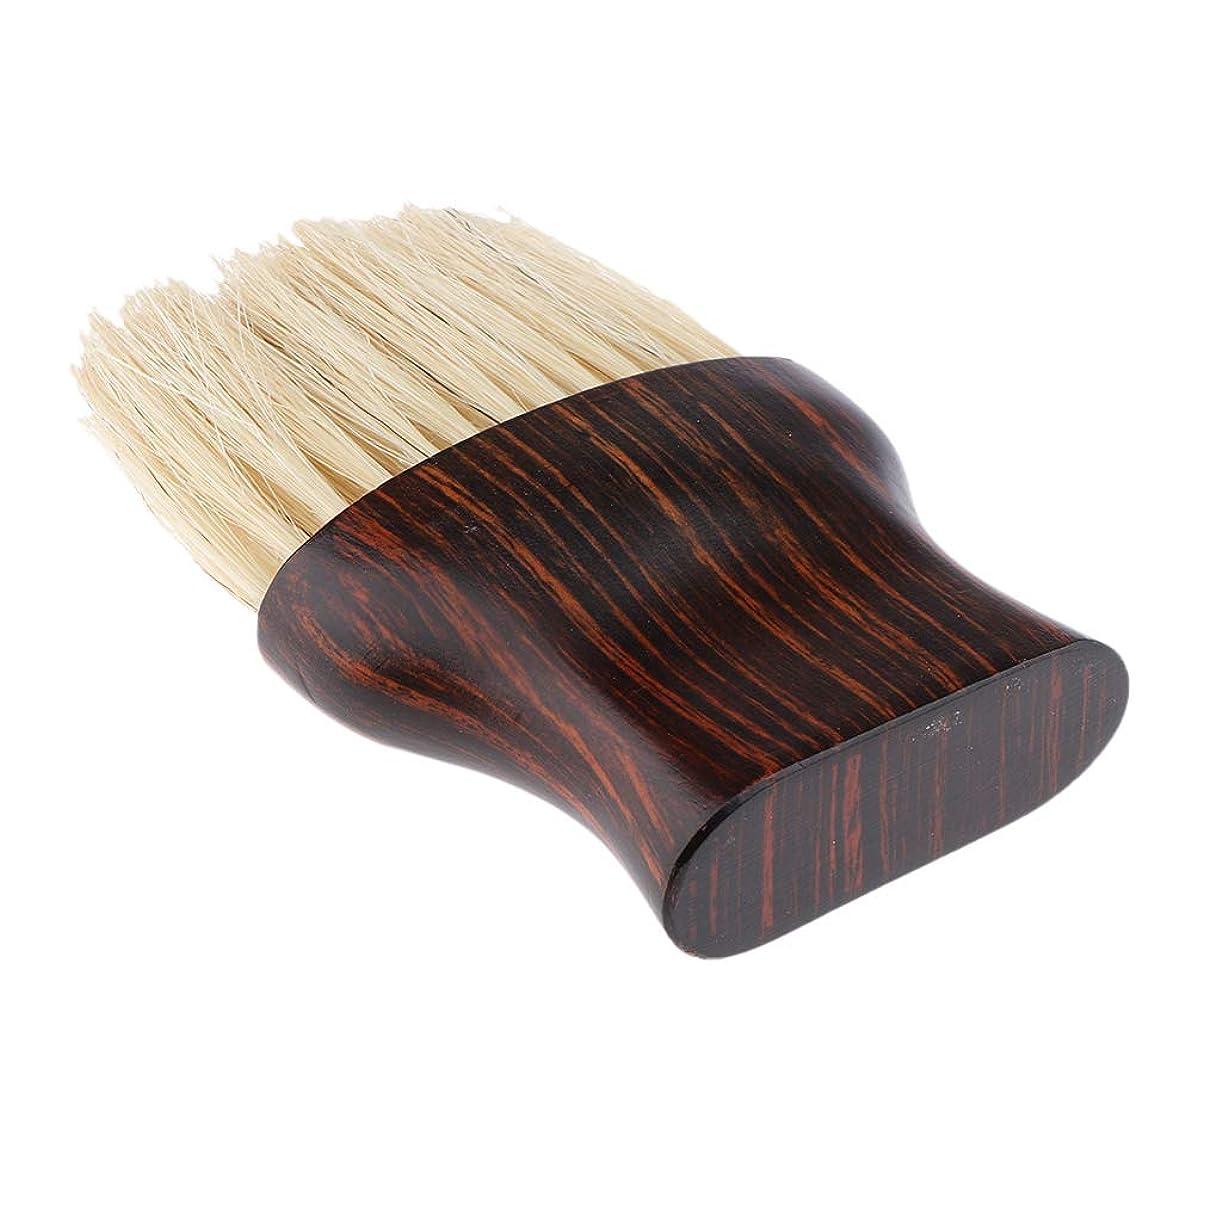 コンベンション今晩からかうSM SunniMix 毛払いブラシ ヘアブラシ 繊維毛 散髪 髪切り 散髪用ツール 床屋 理髪店 美容院 ソフトブラシ